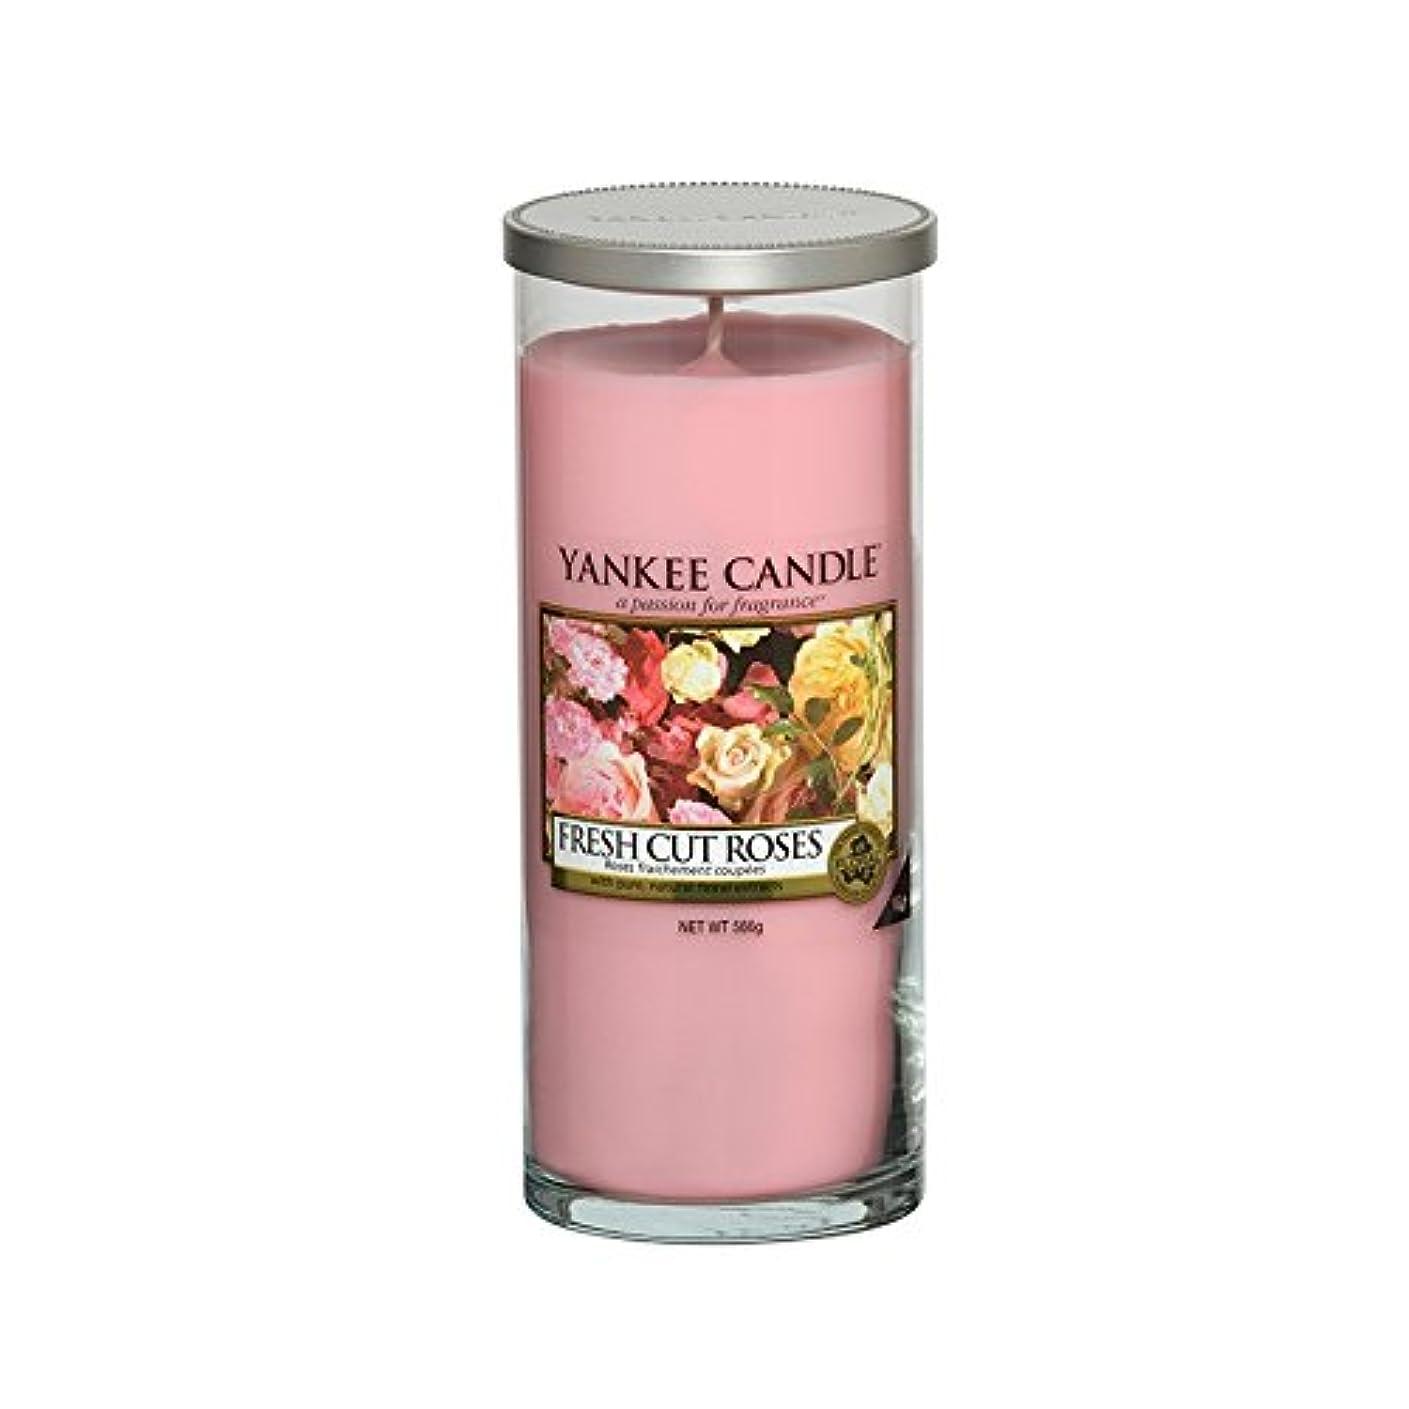 形式ライバル文明化Yankee Candles Large Pillar Candle - Fresh Cut Roses (Pack of 6) - ヤンキーキャンドル大きな柱キャンドル - 新鮮なバラ切り花 (x6) [並行輸入品]